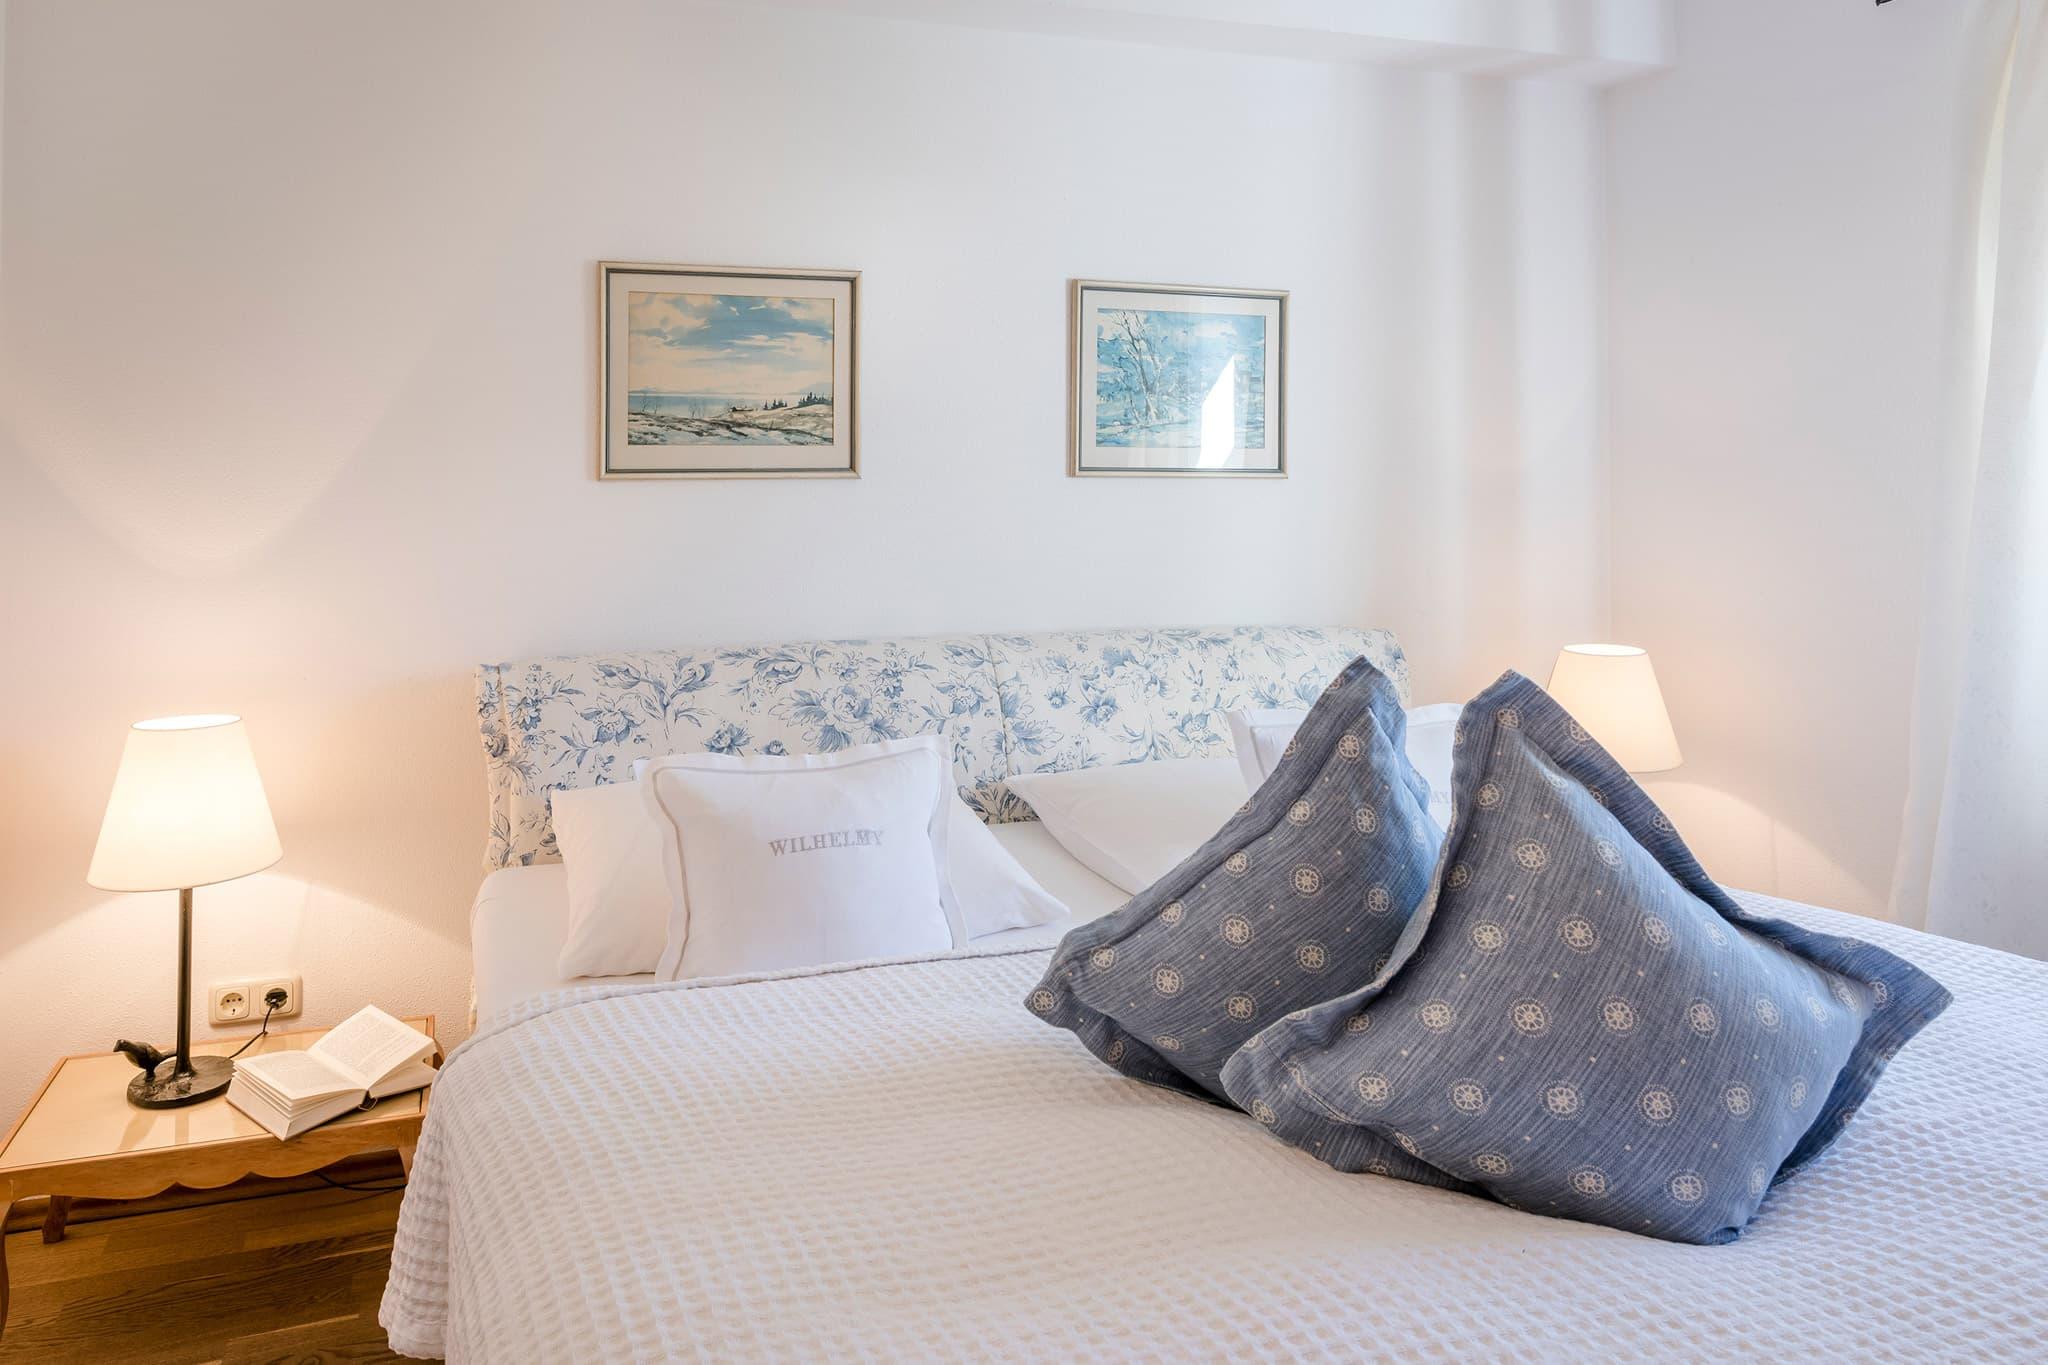 Zweiraum Appartement Suite Schlafzimmer Bett Relais Chalet Wilhelmy